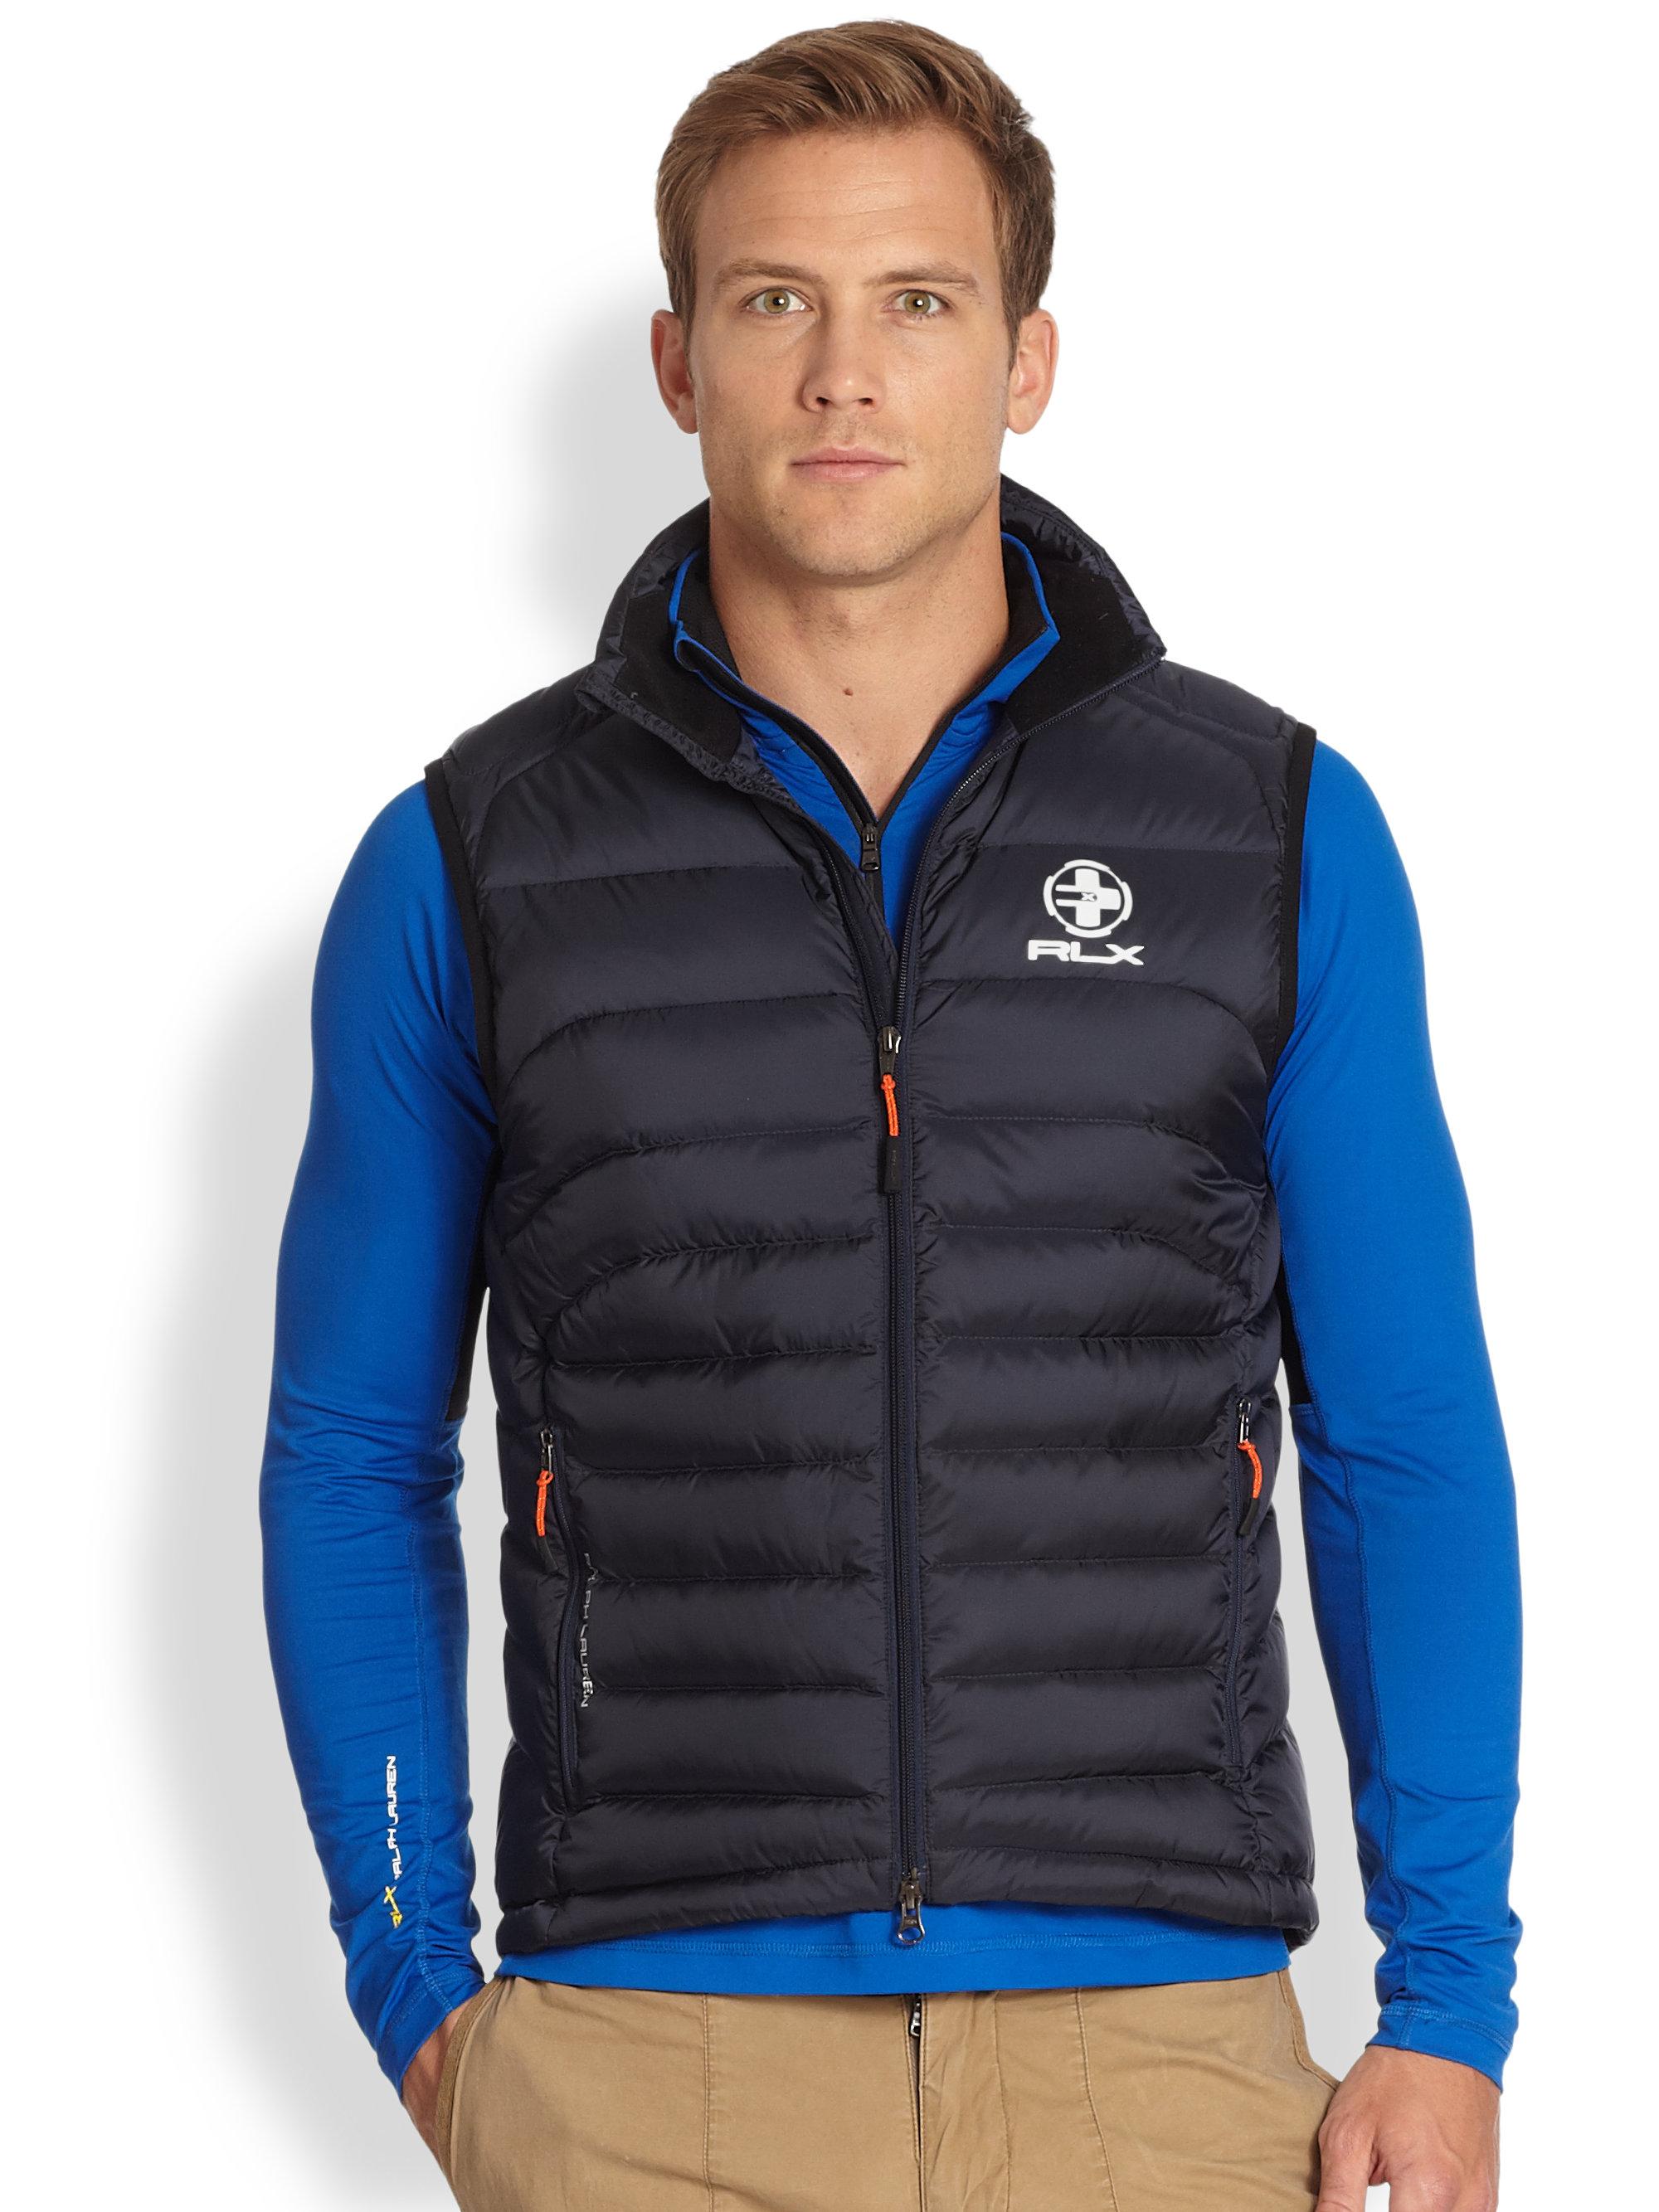 RLX Ralph Lauren Explorer Down Vest in Black for Men - Lyst